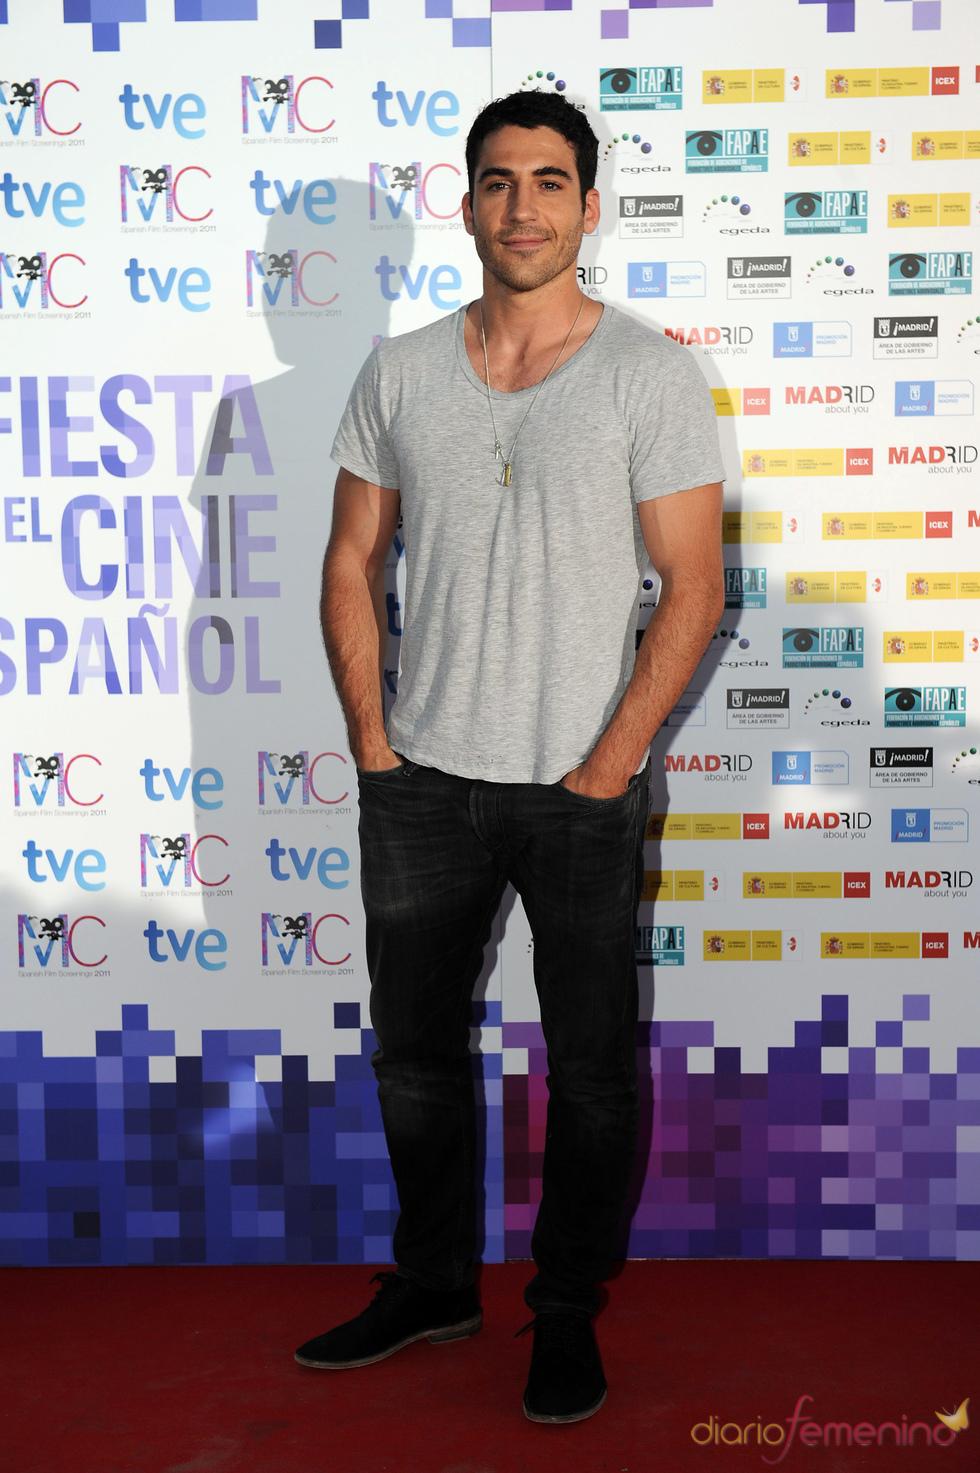 Miguel Ángel Silvestre en la Fiesta del Cine español